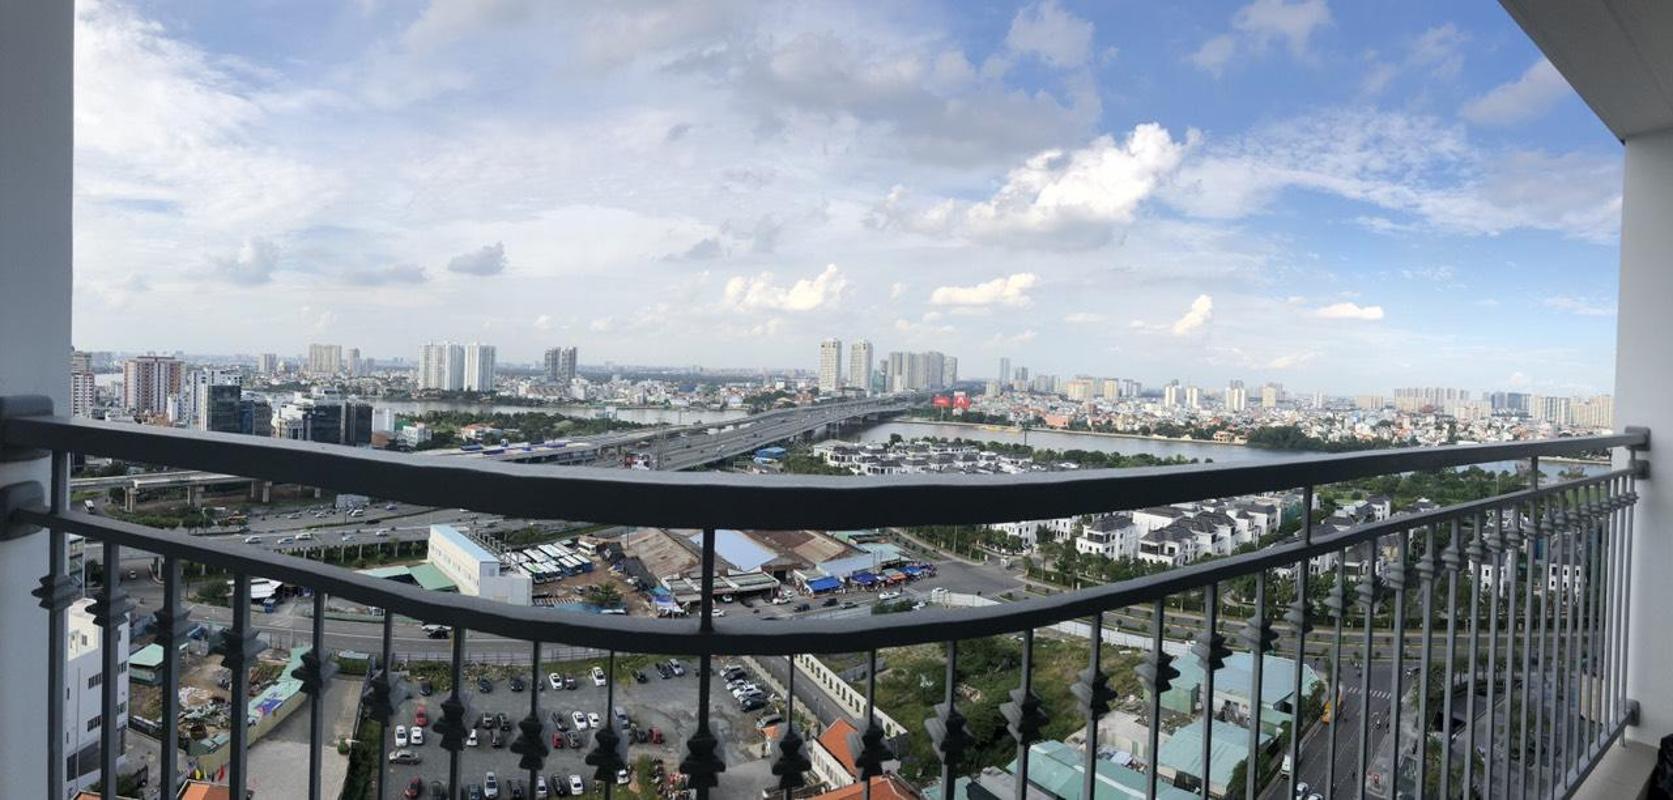 9d5aa42d52a5b5fbecb4 Bán căn hộ Vinhomes Central Park 2PN, diện tích 84m2, đầy đủ nội thất, view thành phố